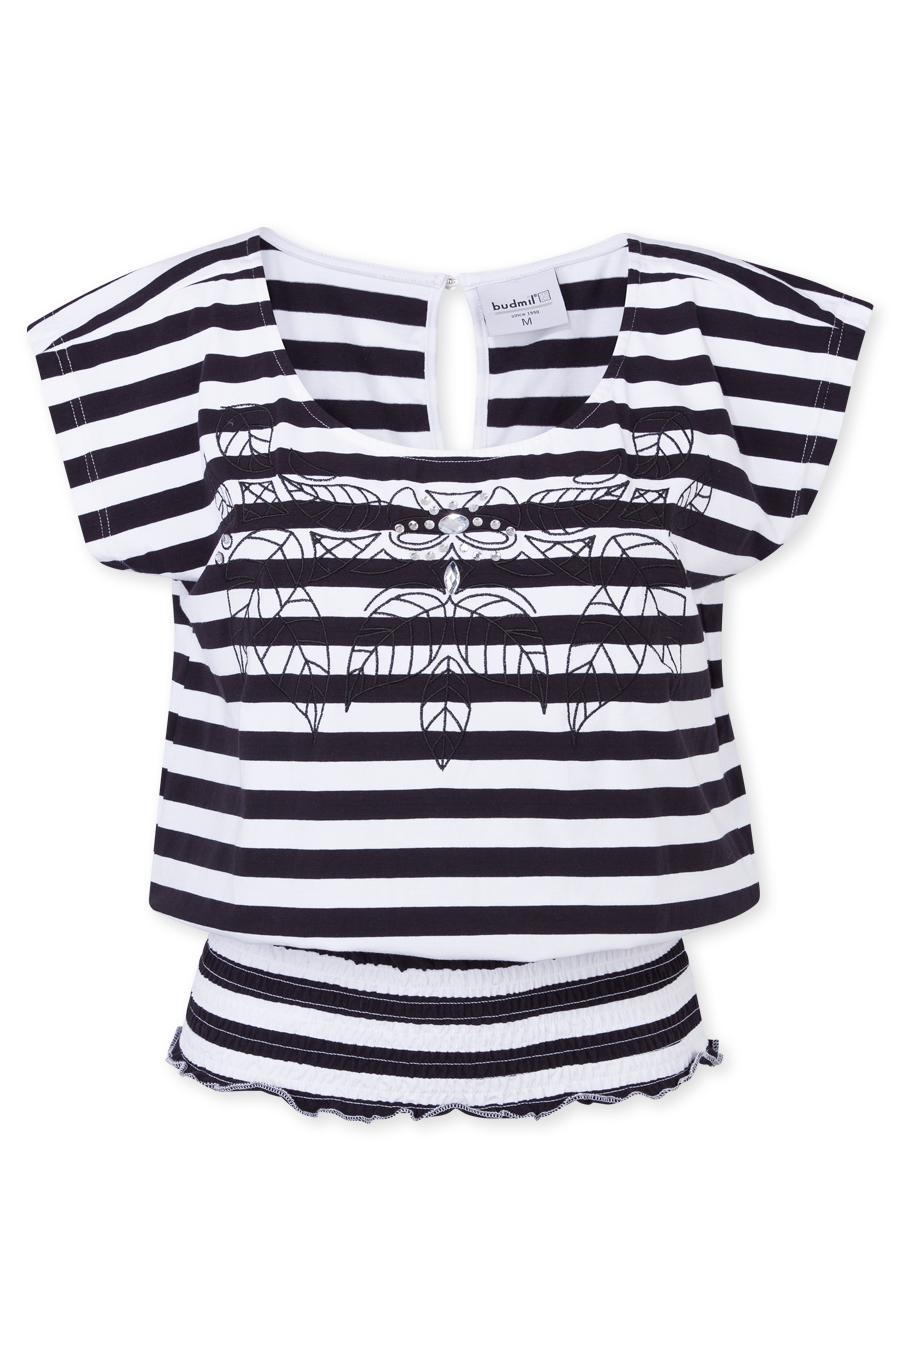 Póló fekete - fehér - csíkos Hétköznapi Viselet Póló   budmil